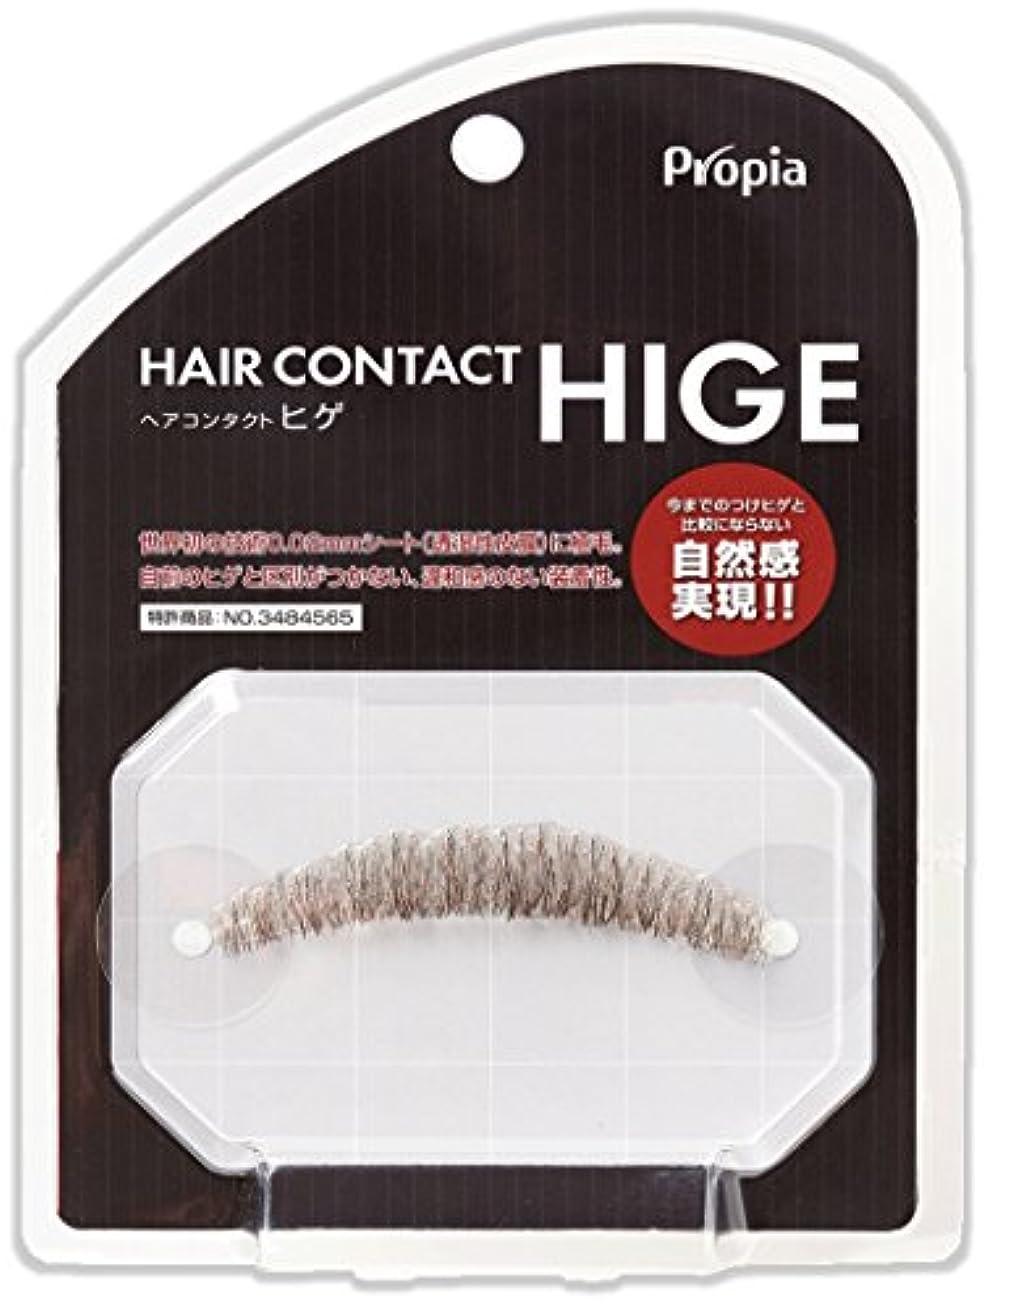 プレーヤー受動的確認HAIR CONTACT HIGE クチヒゲ ピラミダル